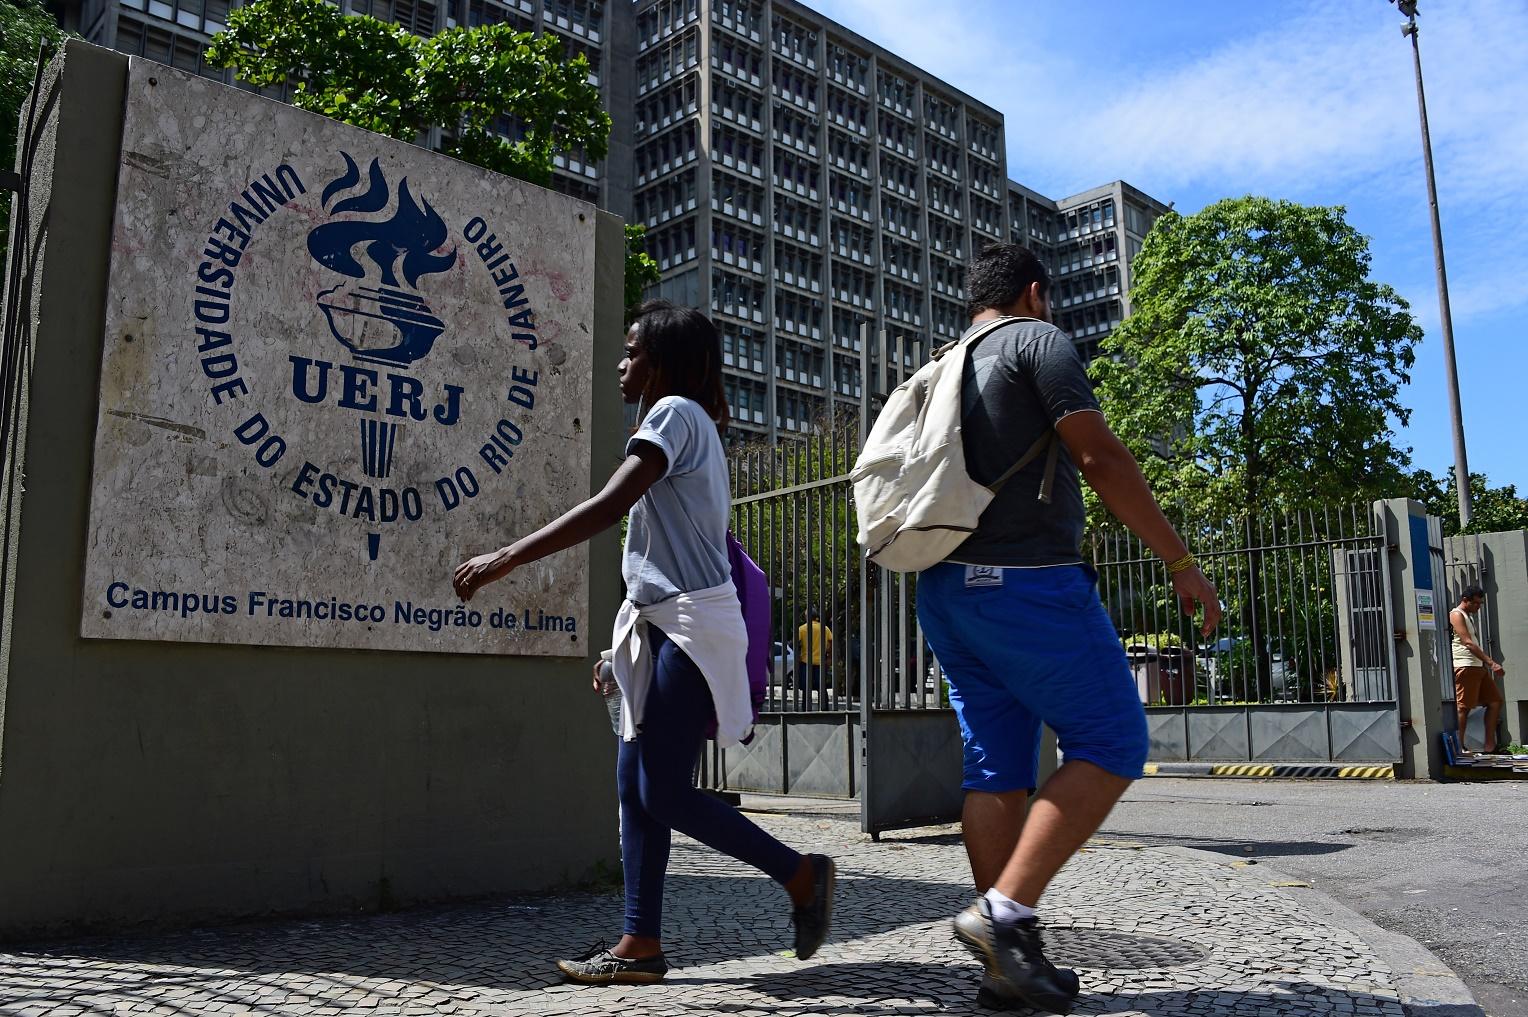 Aos 66 anos, a UERJ oferece 33 cursos de graduação, 54 de mestrado, 42 de doutorado e 142 de especialização. Foto Tasso Marcelo/AFP